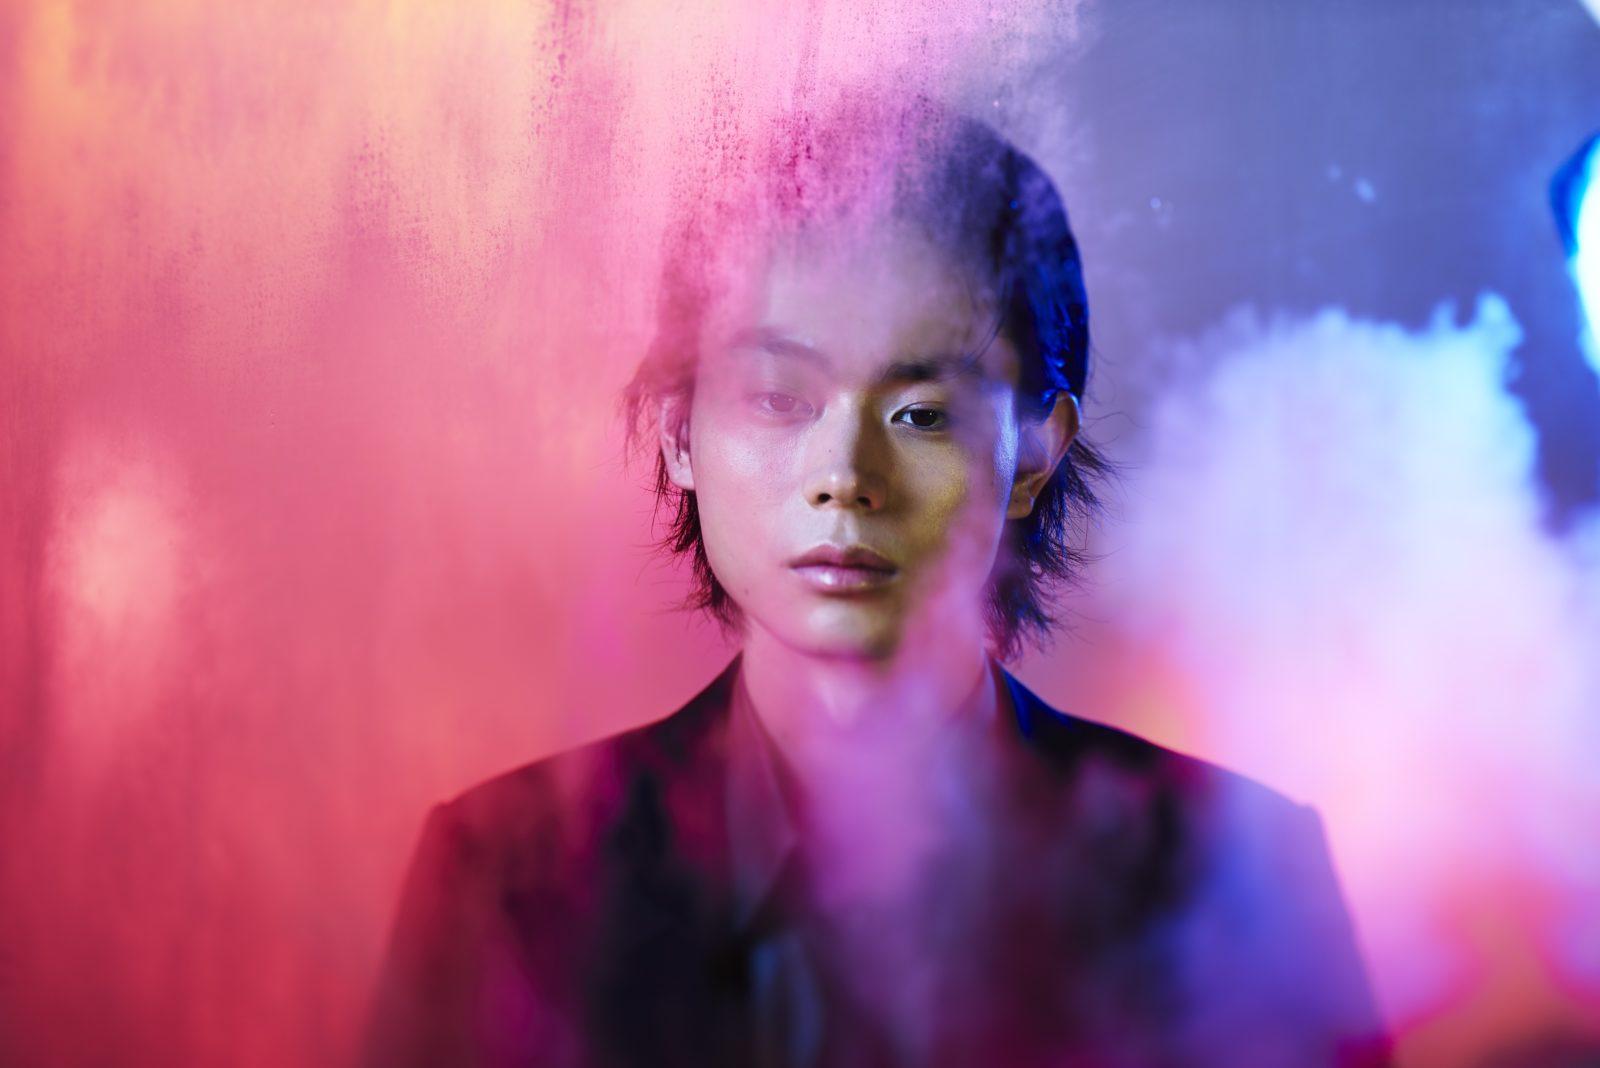 菅田将暉、新曲「呼吸」アートワーク公開!